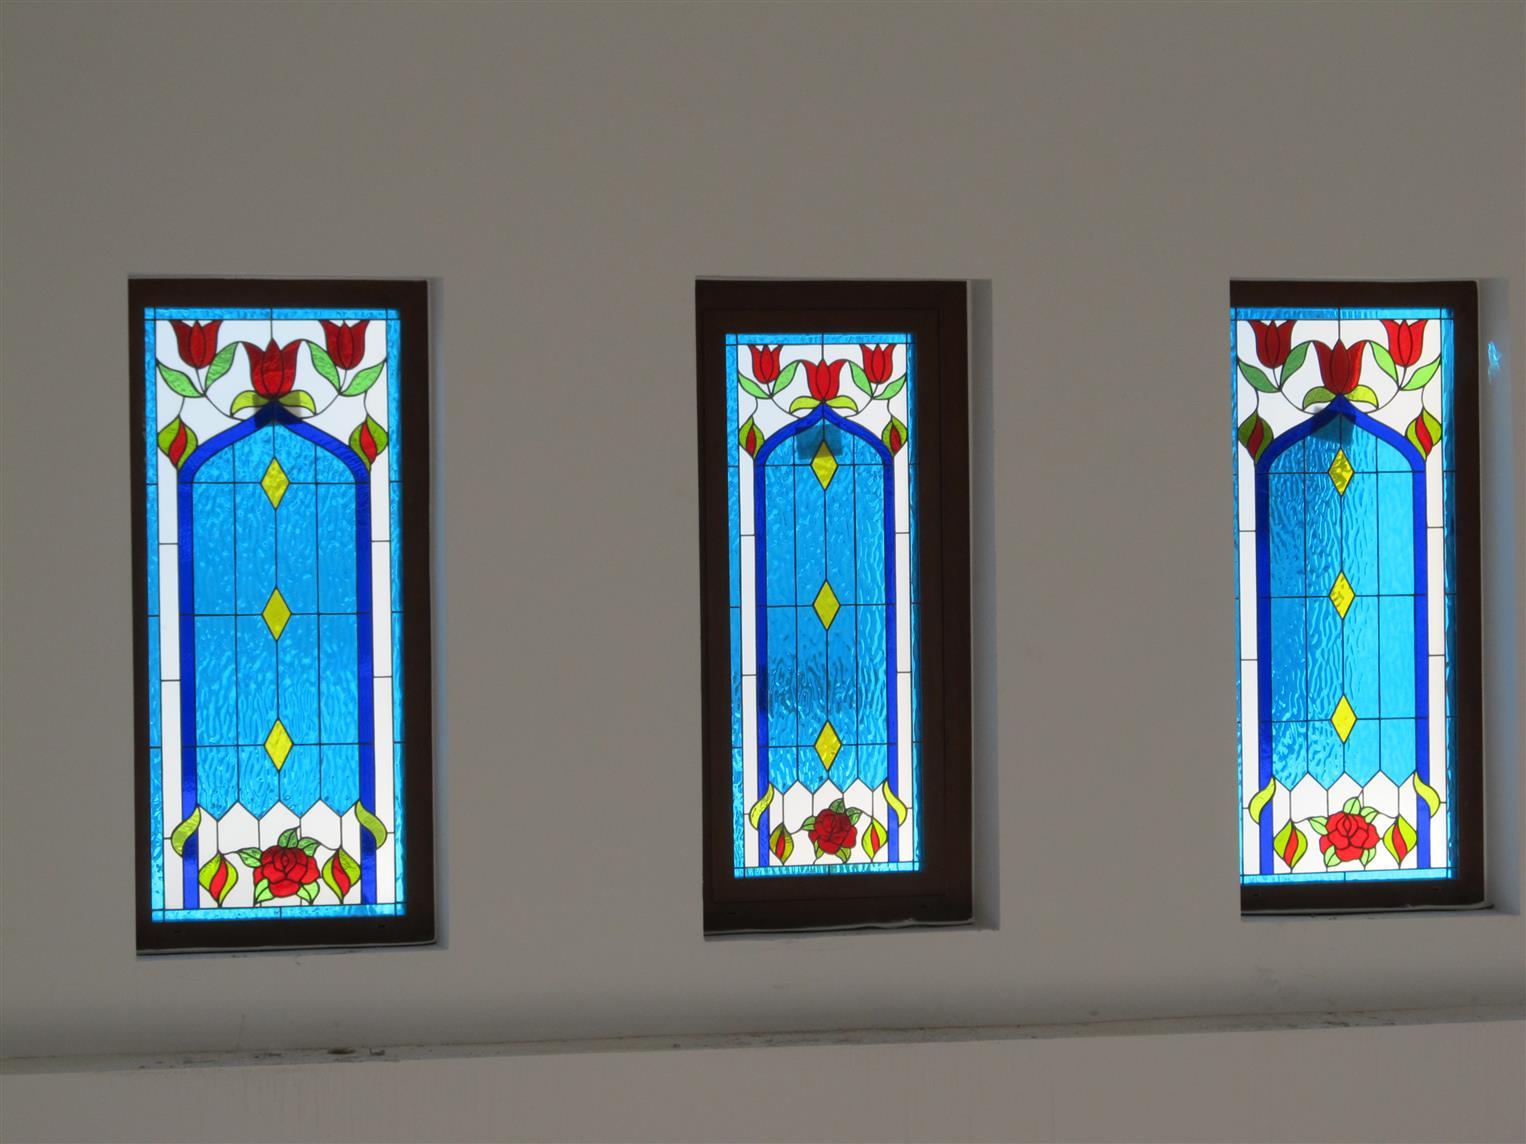 esbas-camii-ege-serbest-bolge20173414526375.jpg izmir vitray çalışması